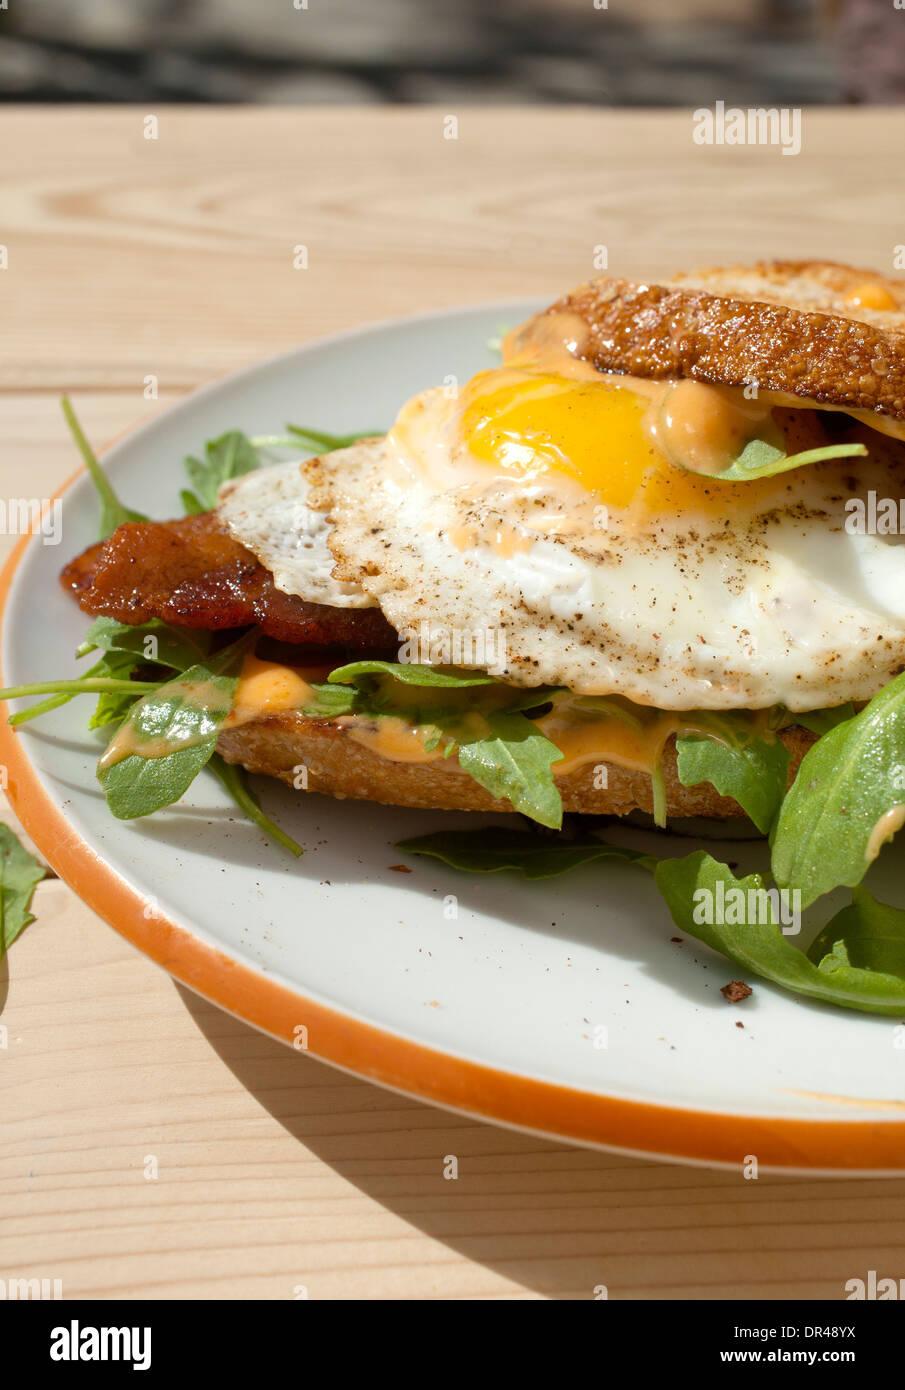 Open faced egg breakfast sandwich - Stock Image